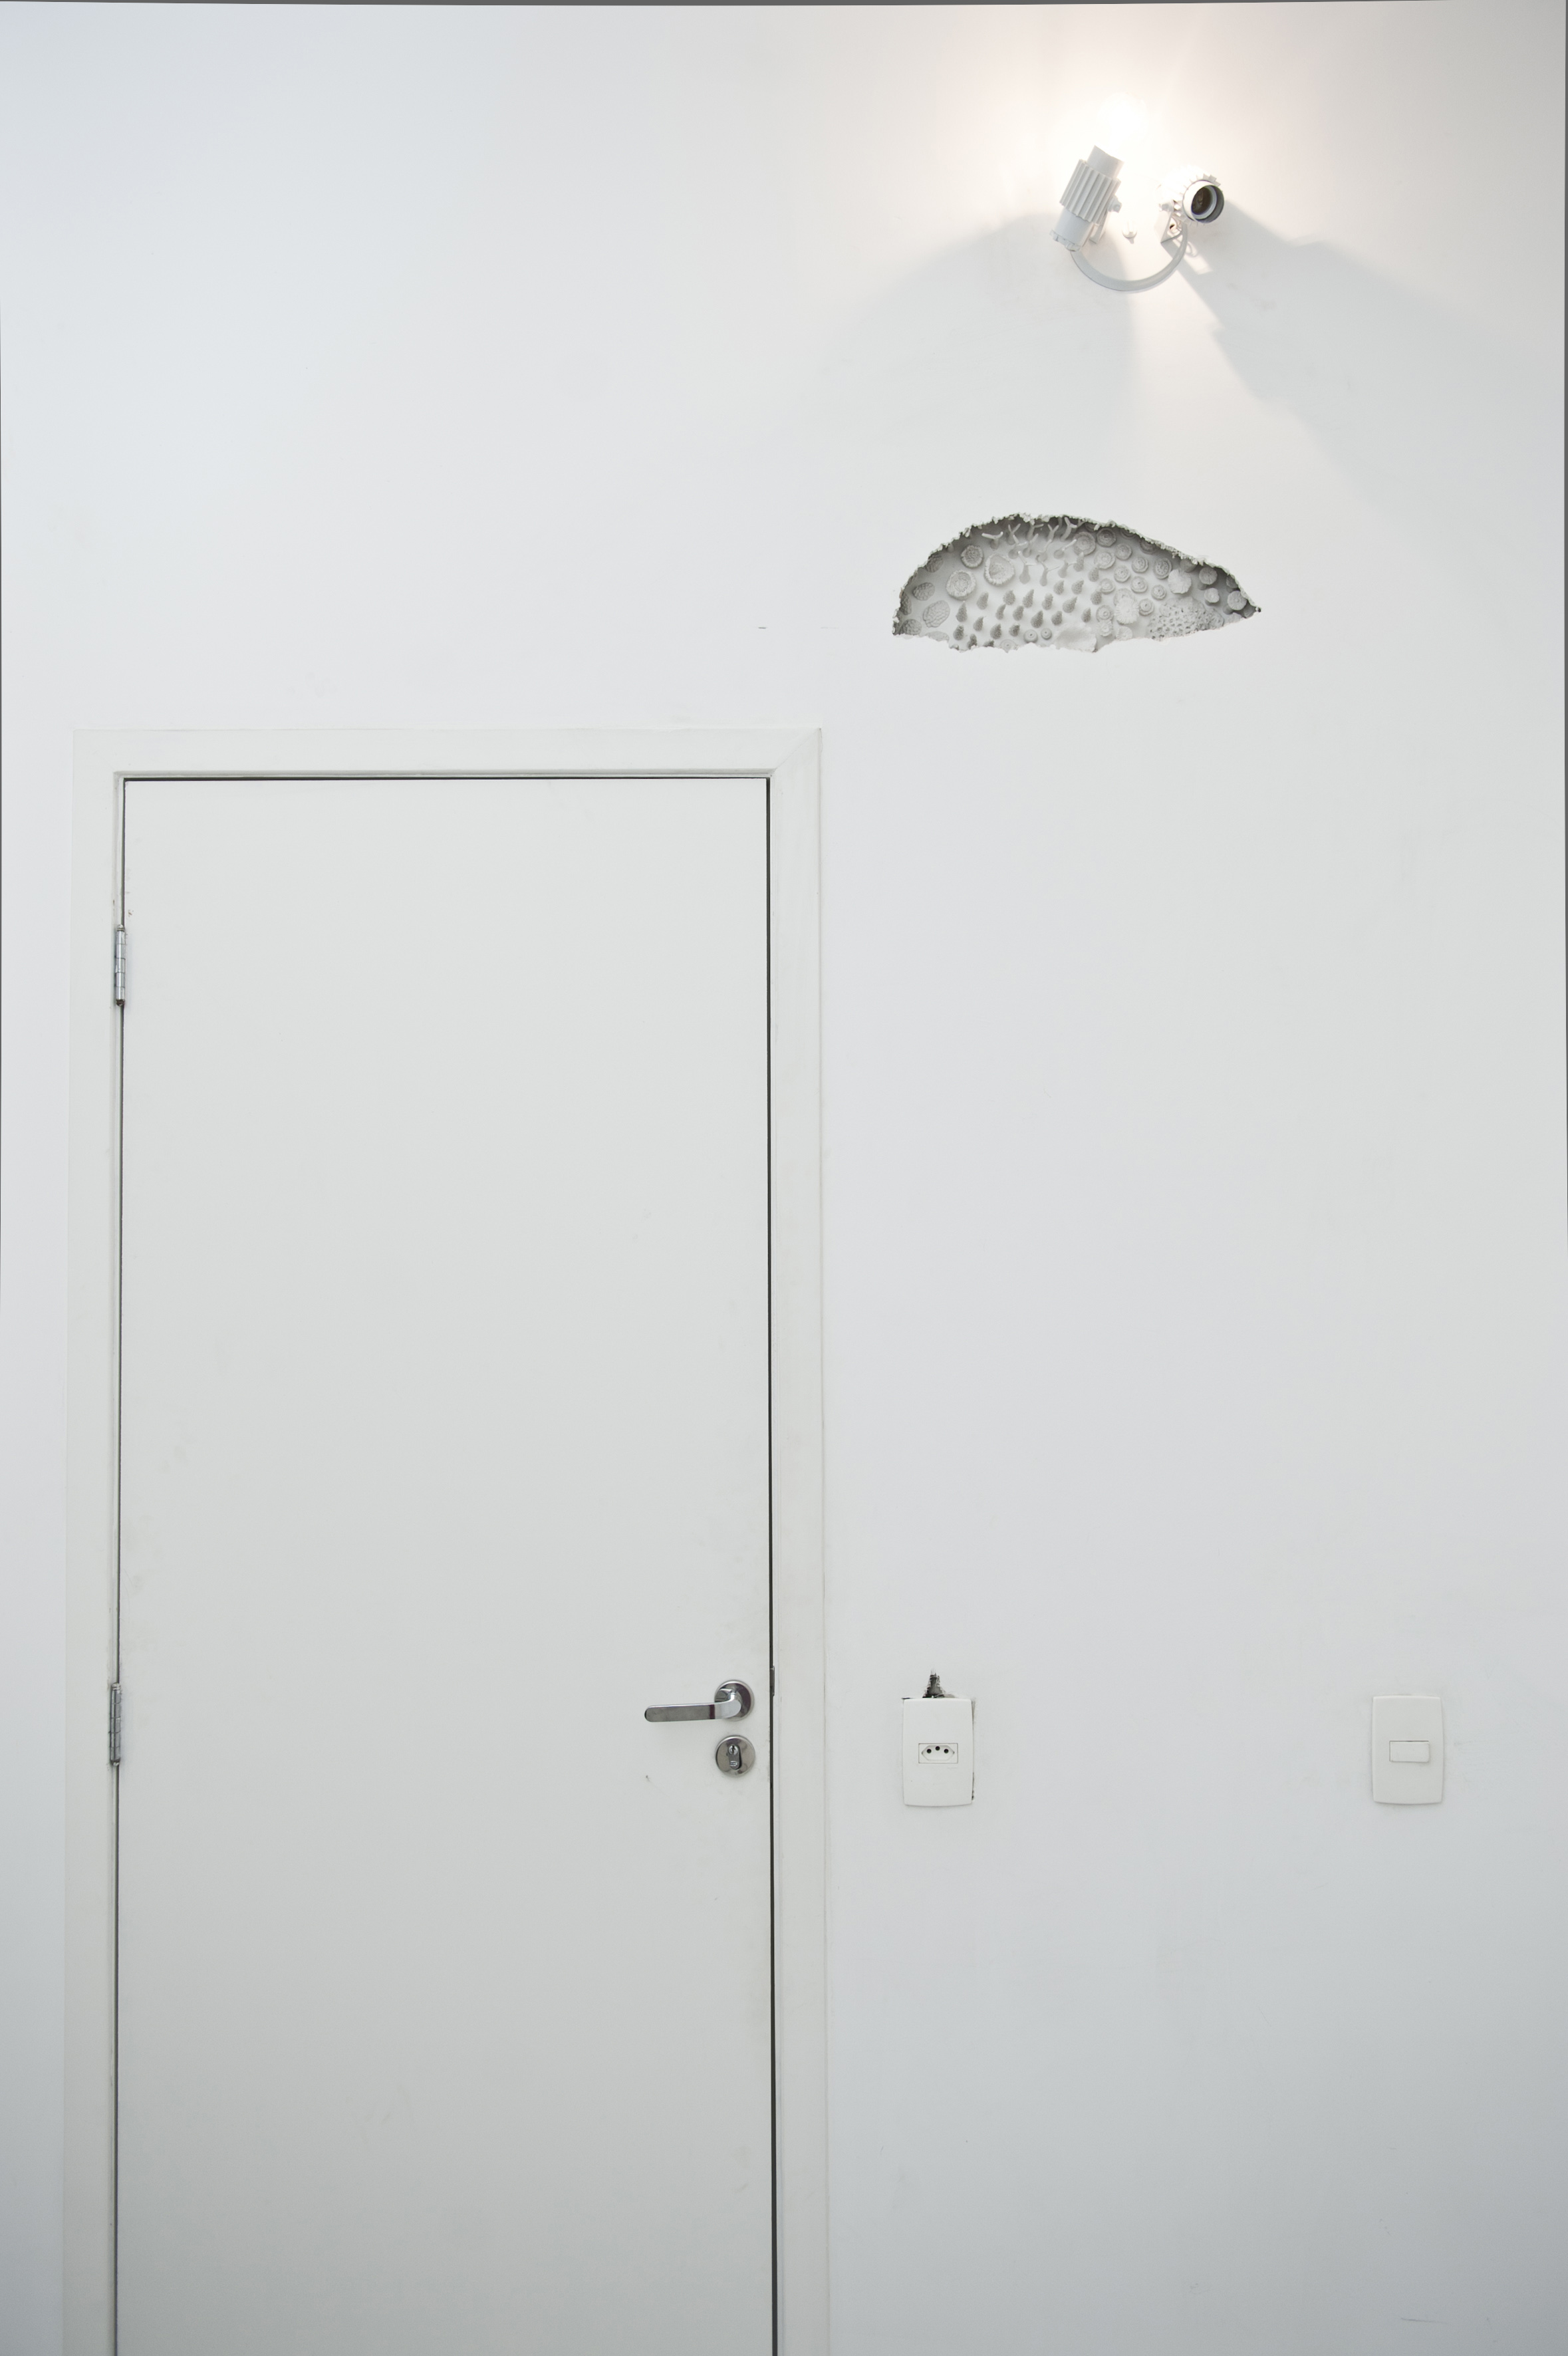 habitação#4